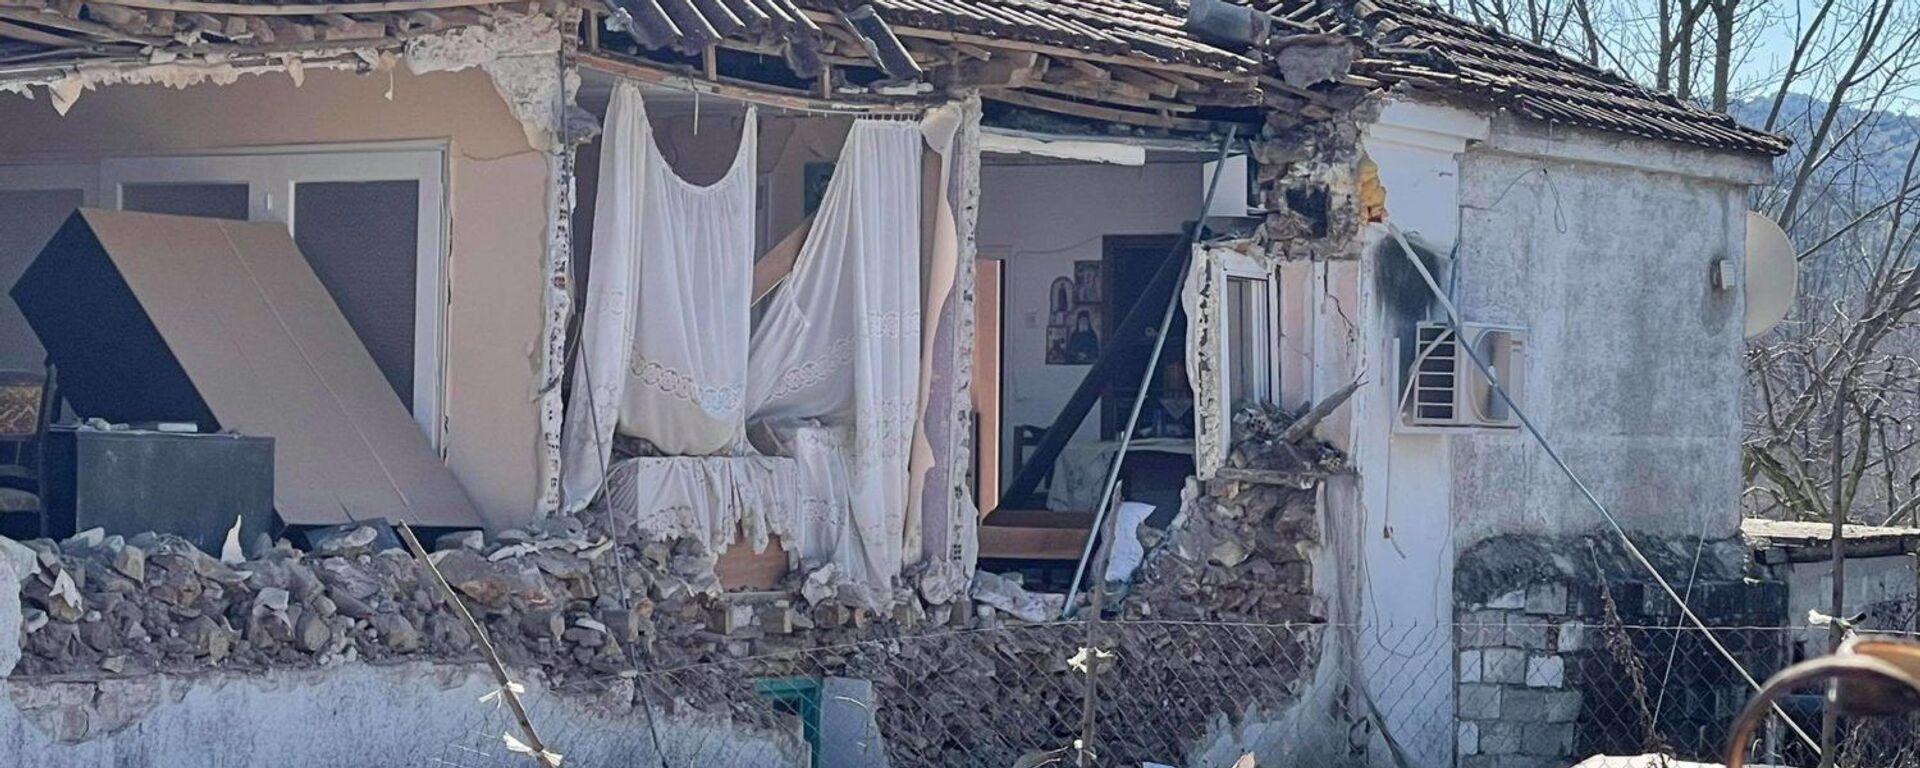 Σεισμός στην Ελασσόνα - Κατάρρευση σπιτιού - Sputnik Ελλάδα, 1920, 12.05.2021